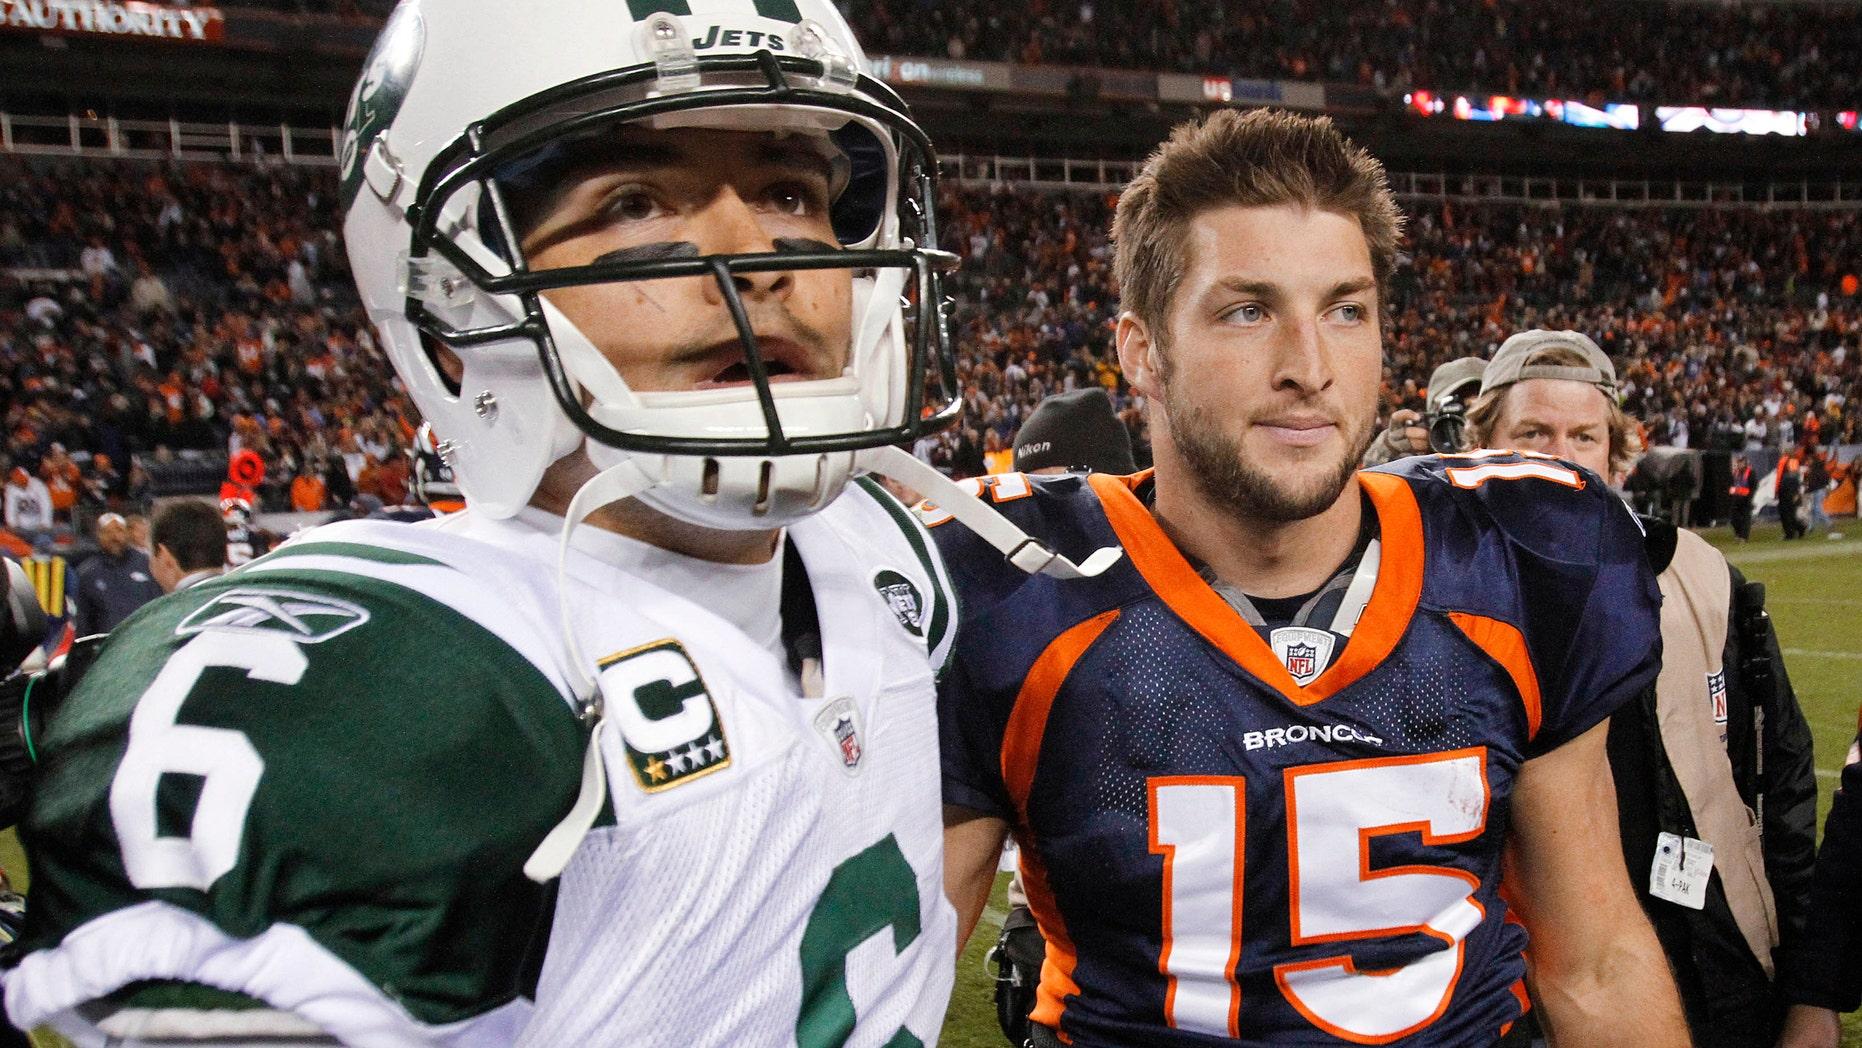 Foto de archivo del 17 de noviembre de 2011 del quarterback de los Jets de Nueva York, Mark Sánchez, izquierda, y el quarterback de los Broncos de Denver, Tim Tebow. Tebow fue canjeado a los Jets el miércoles, 21 de marzo de 2012. (AP Photo/Barry Gutierrez, File)